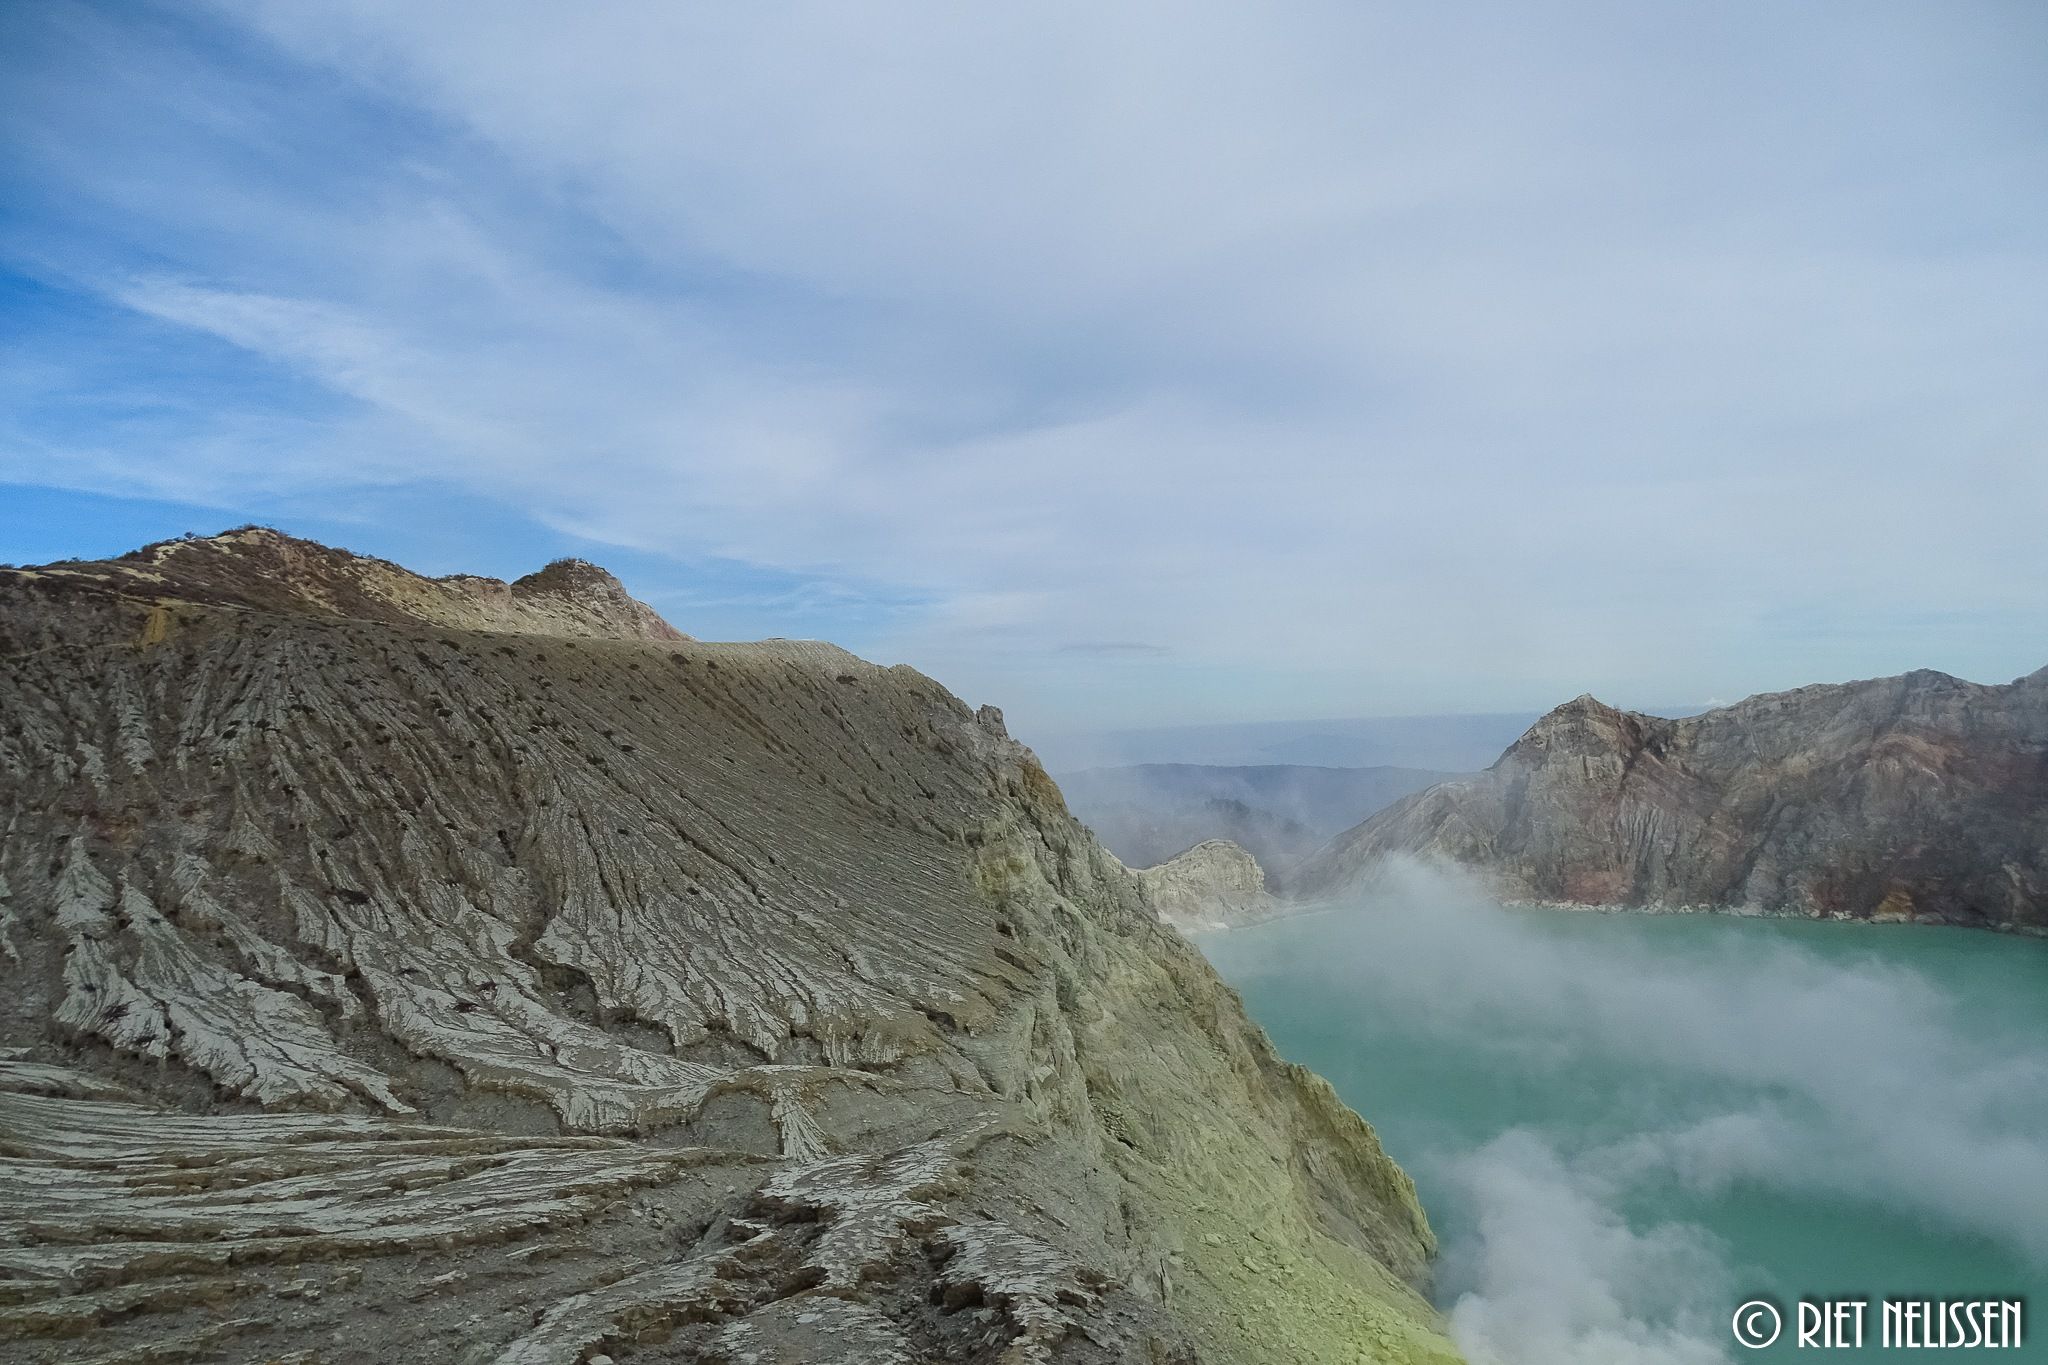 vulcan Ijen by nelisser